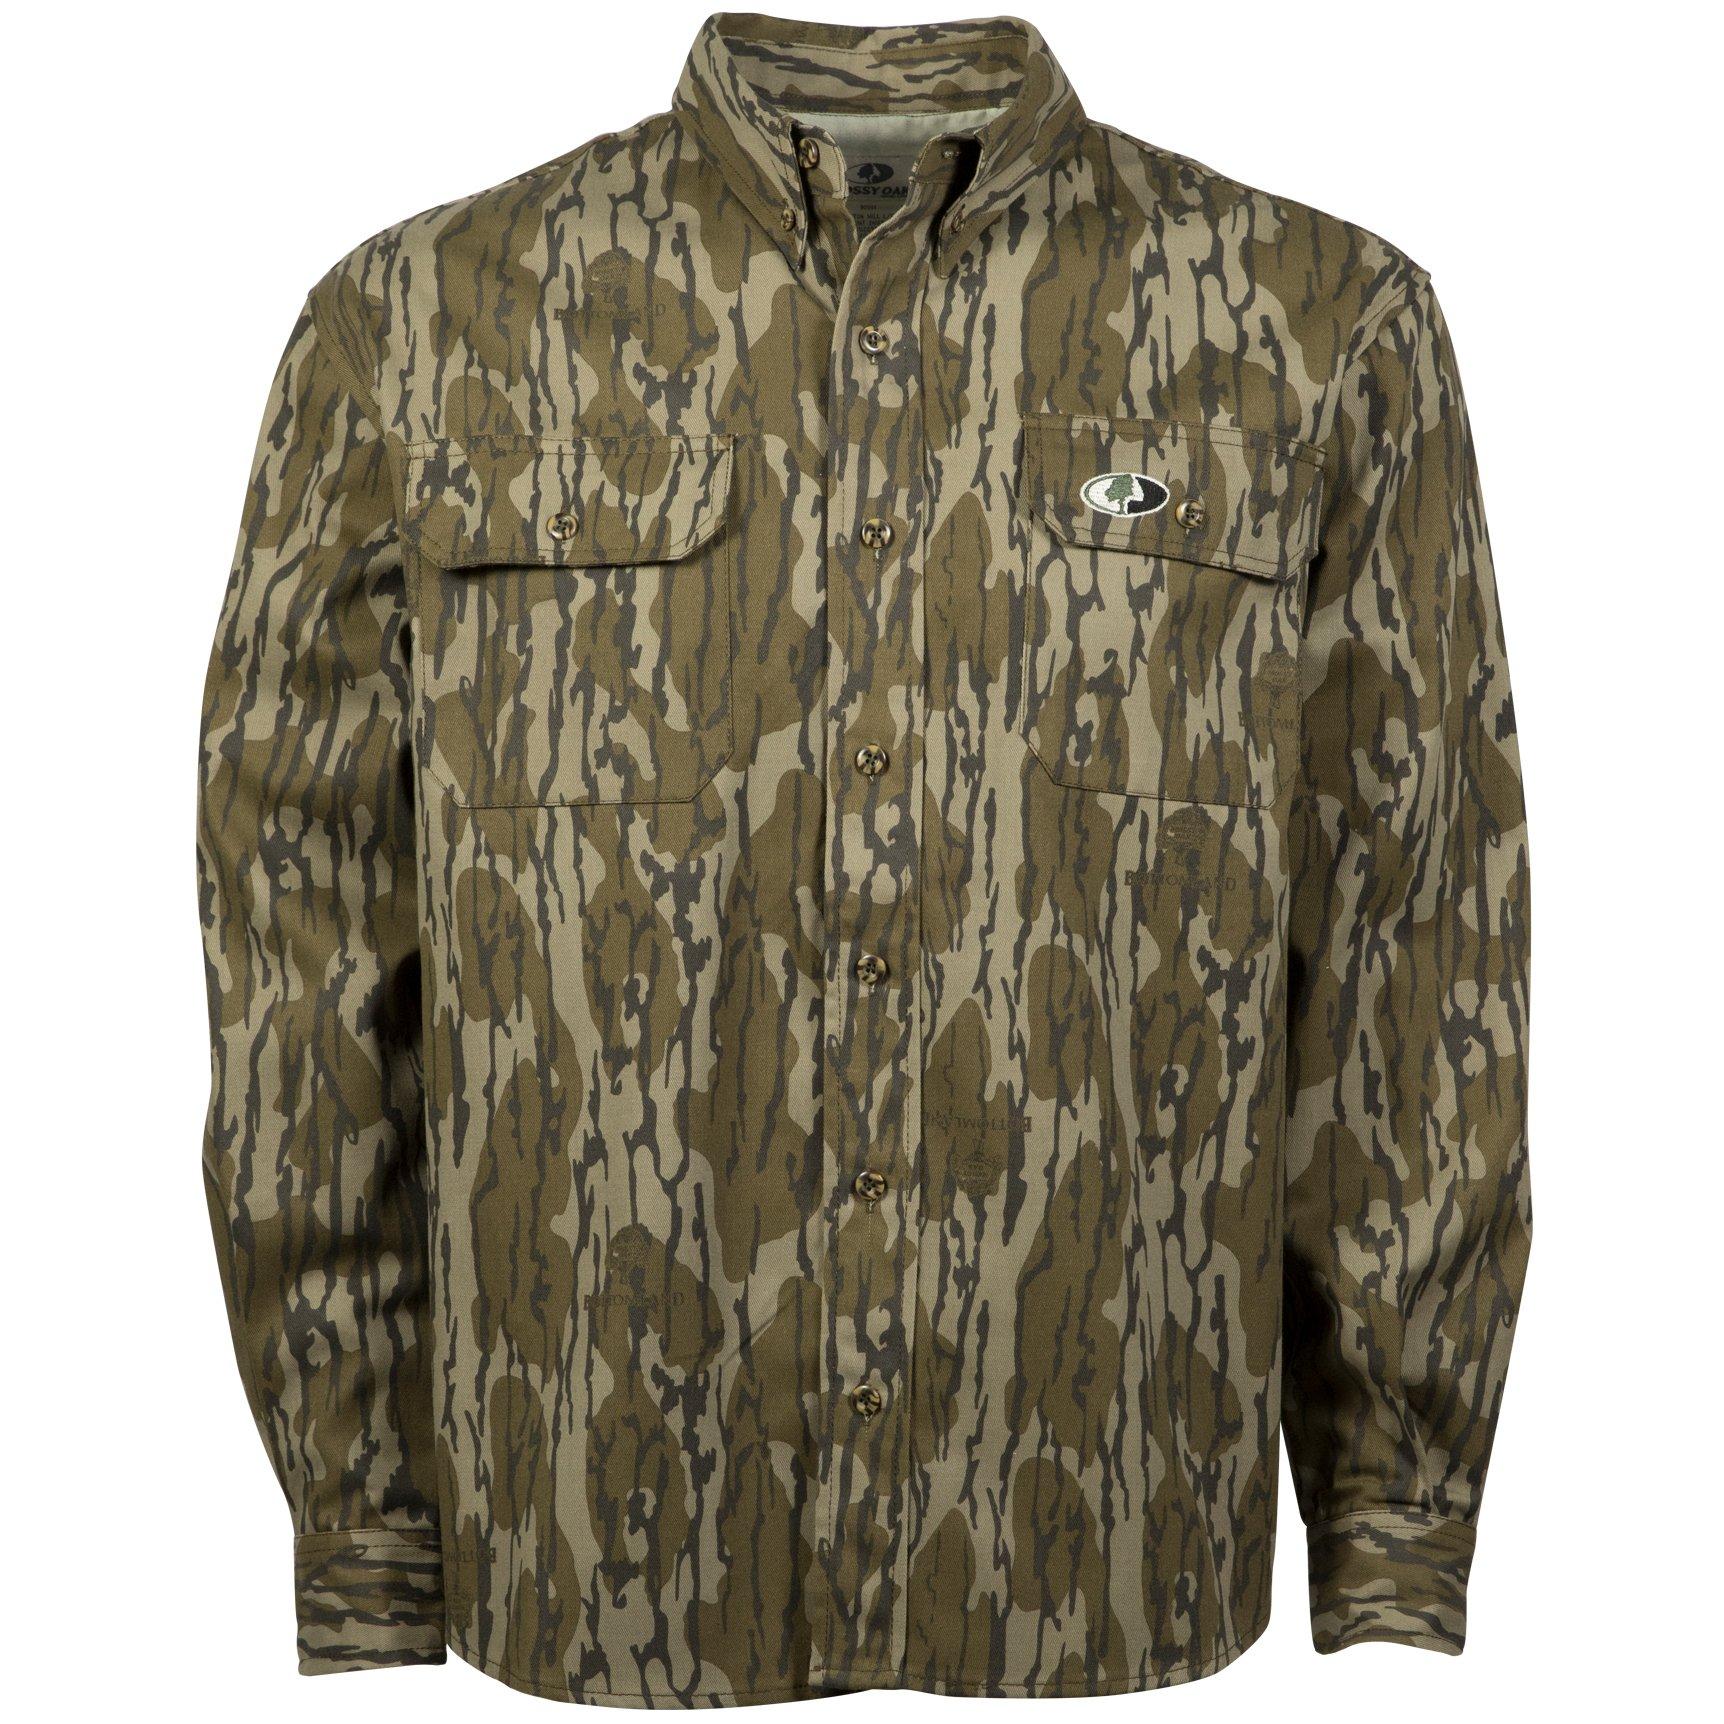 Mossy Oak Camouflage Cotton Mill Hunt Shirt, Original Bottomland, Small by Mossy Oak